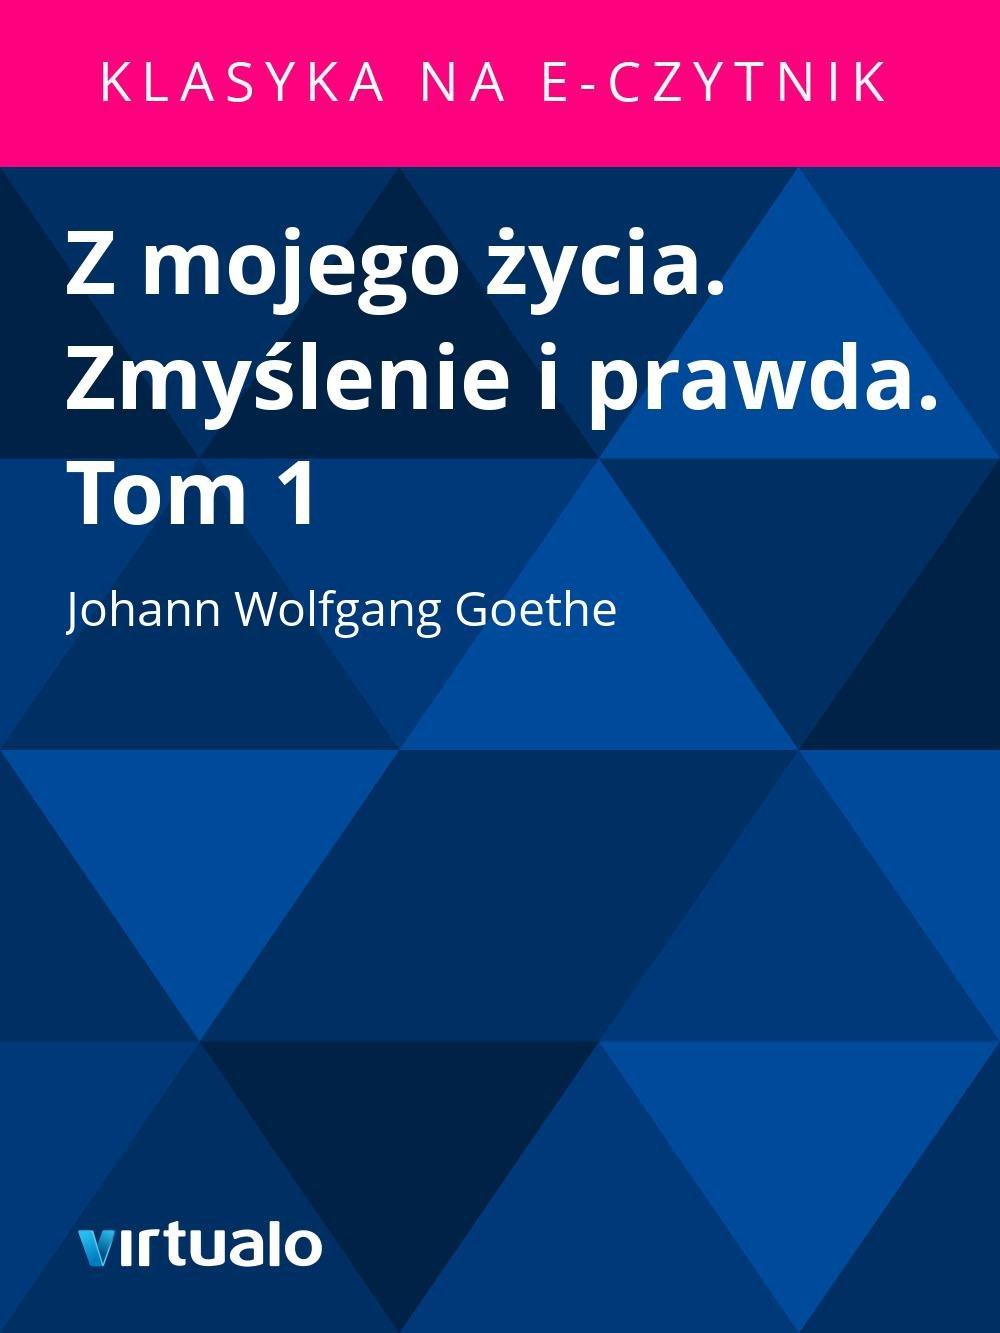 Z mojego życia. Zmyślenie i prawda. Tom 1 - Ebook (Książka EPUB) do pobrania w formacie EPUB